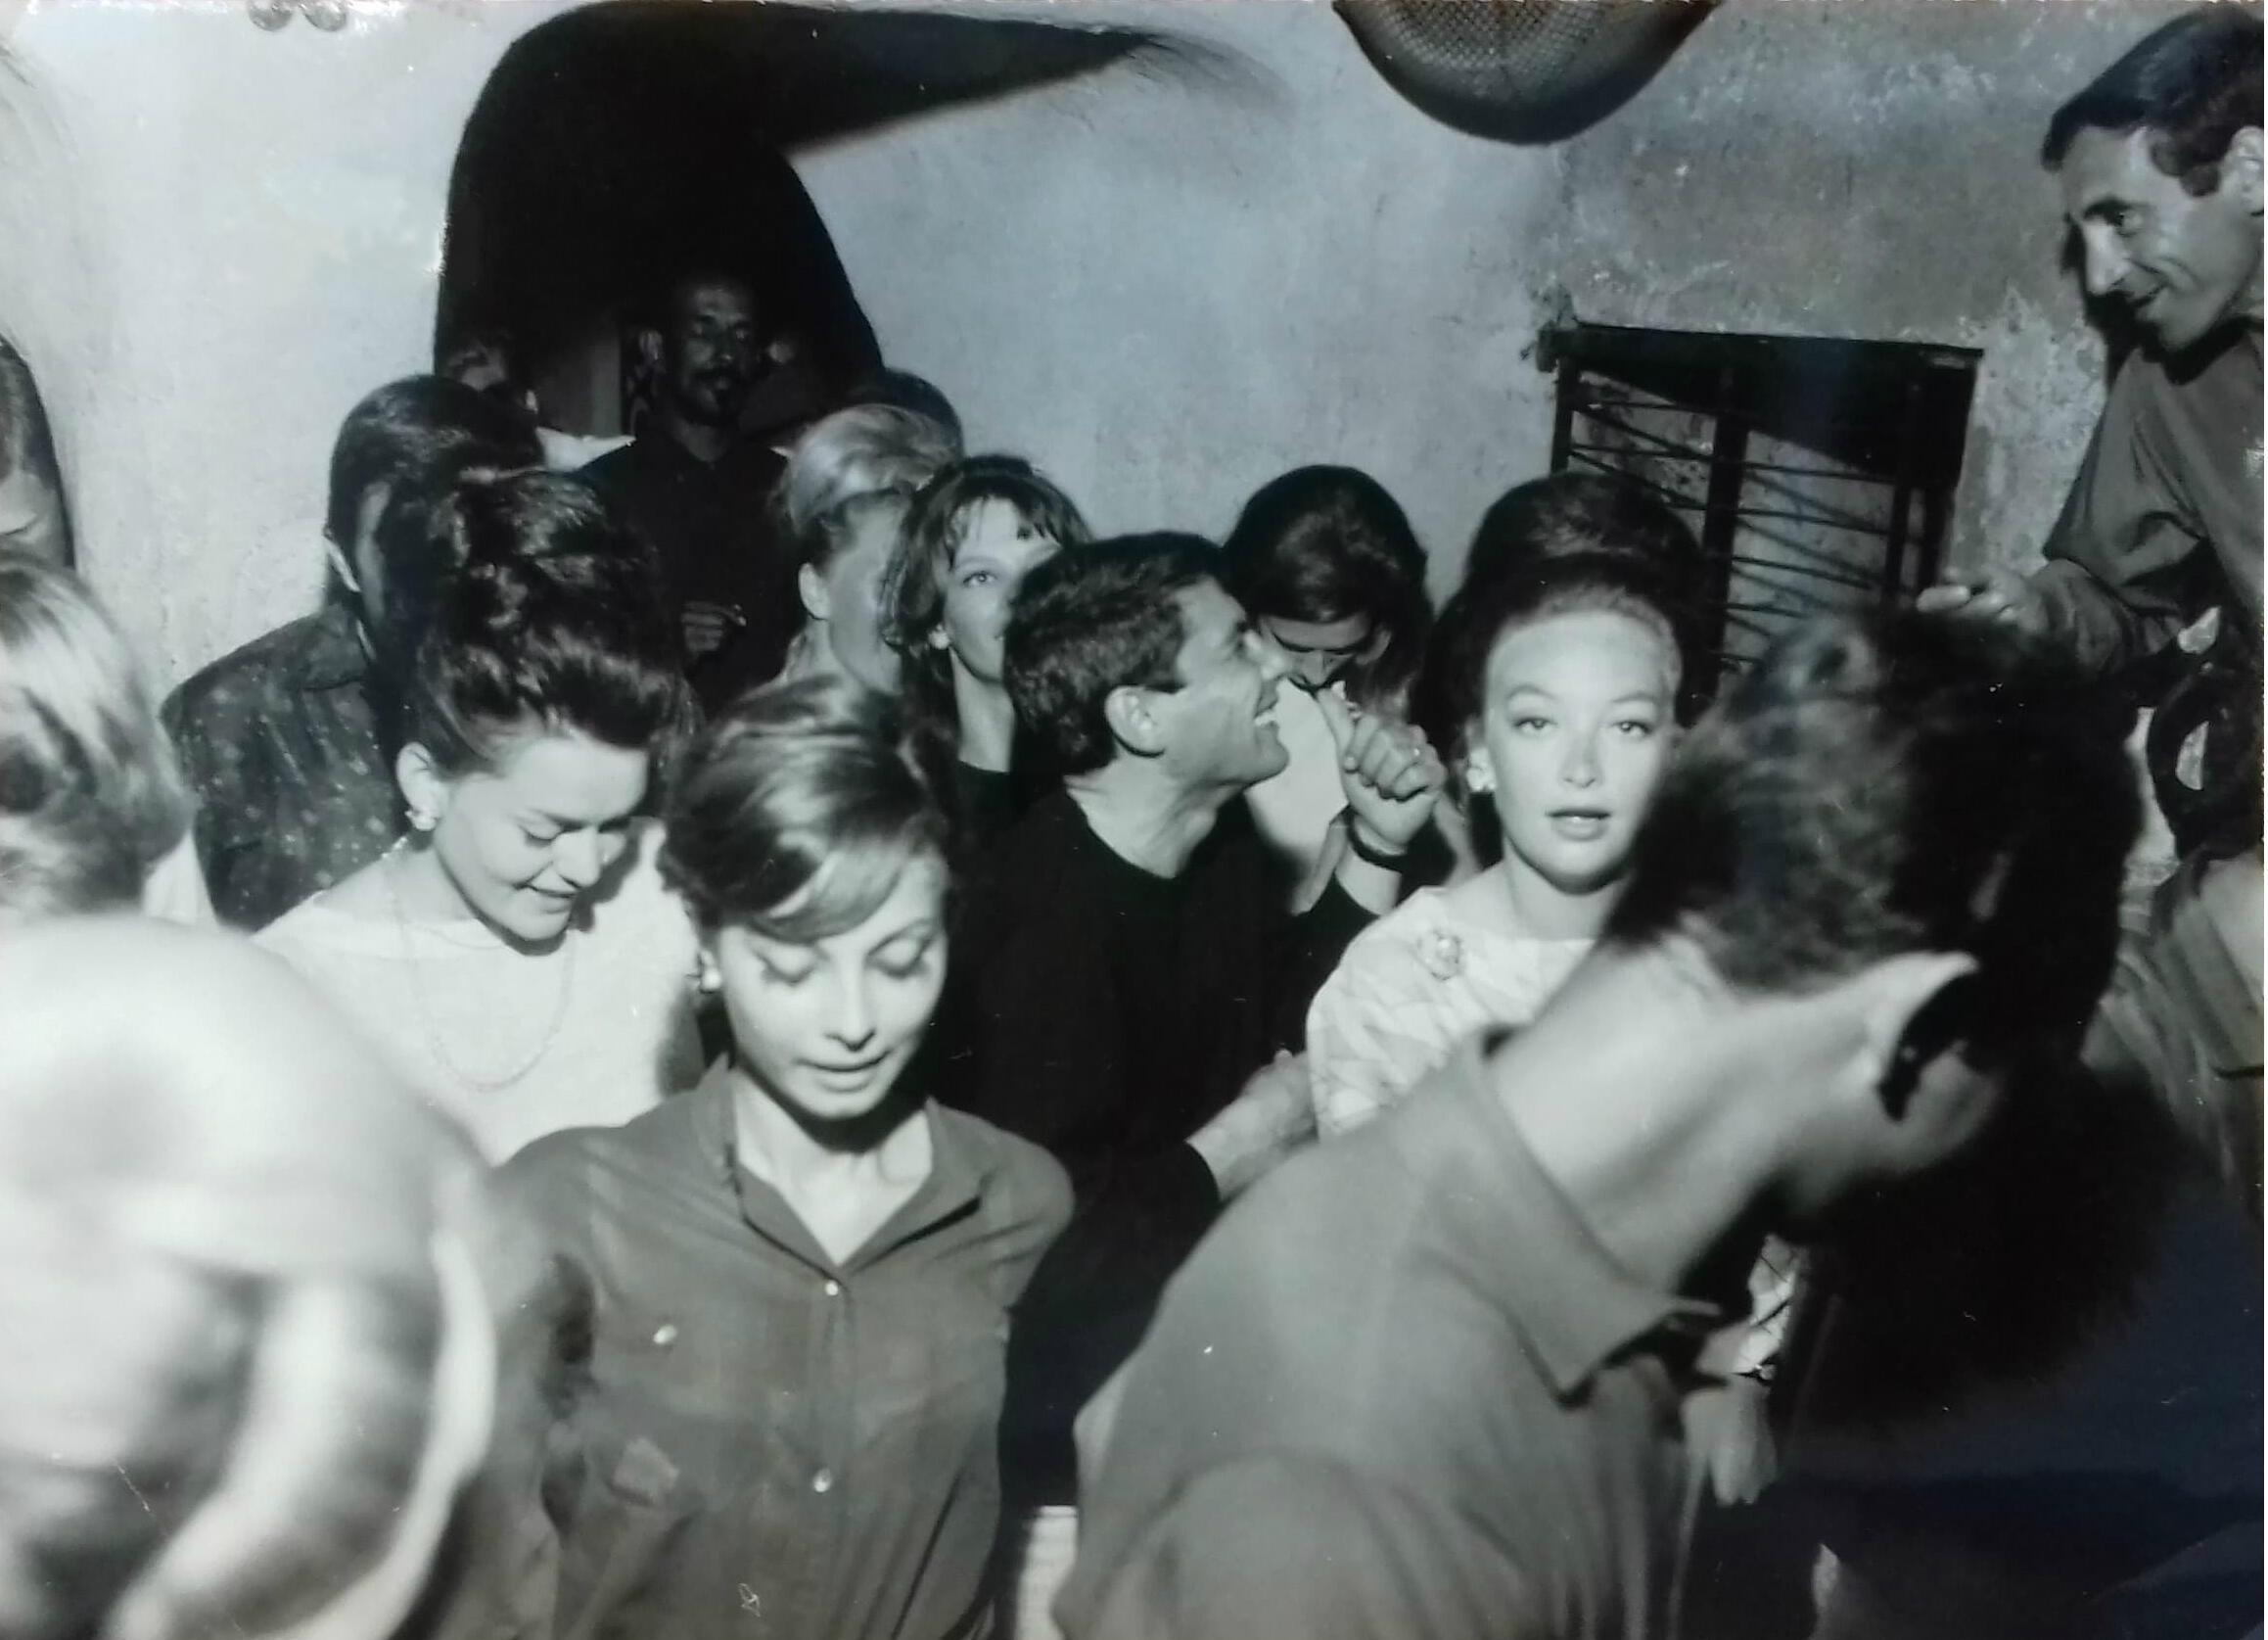 Шарль Азнавур (в верхнем правом углу) и Клод Массиа (в центре) на вечеринке в Сен-Тропе, 1958 год.